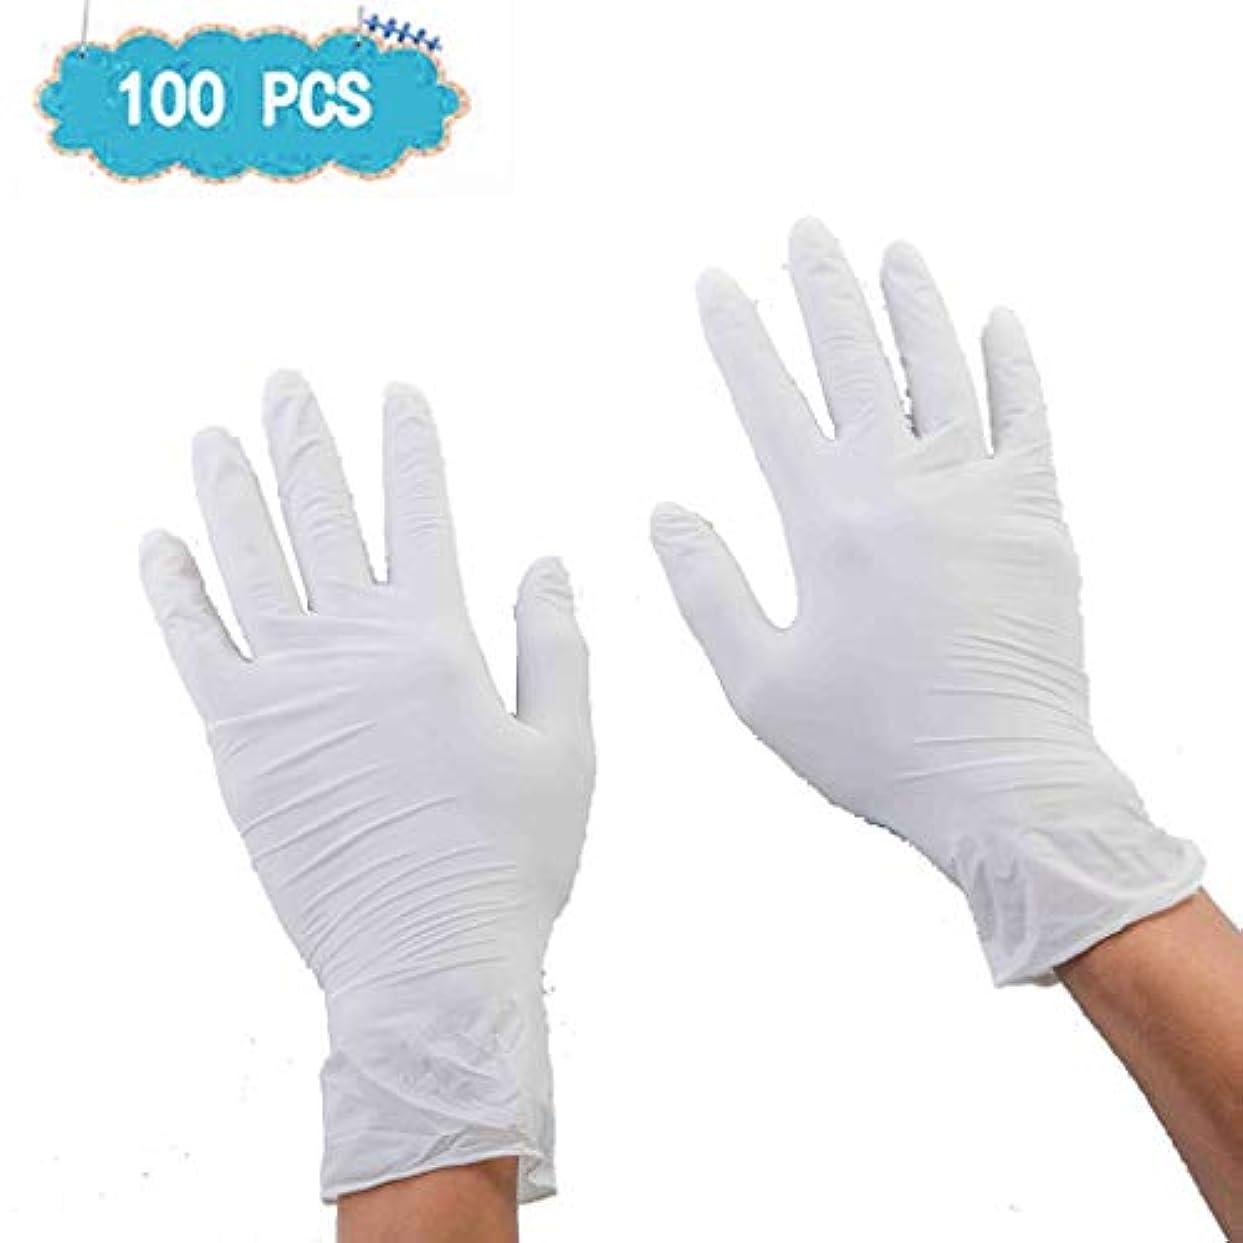 二度幻滅感じるニトリル手袋、12インチ厚ゴム手袋白い手袋食品加工医療ペットケアネイルアート検査保護実験、美容サロンラテックスフリー、、 100個 (Size : L)